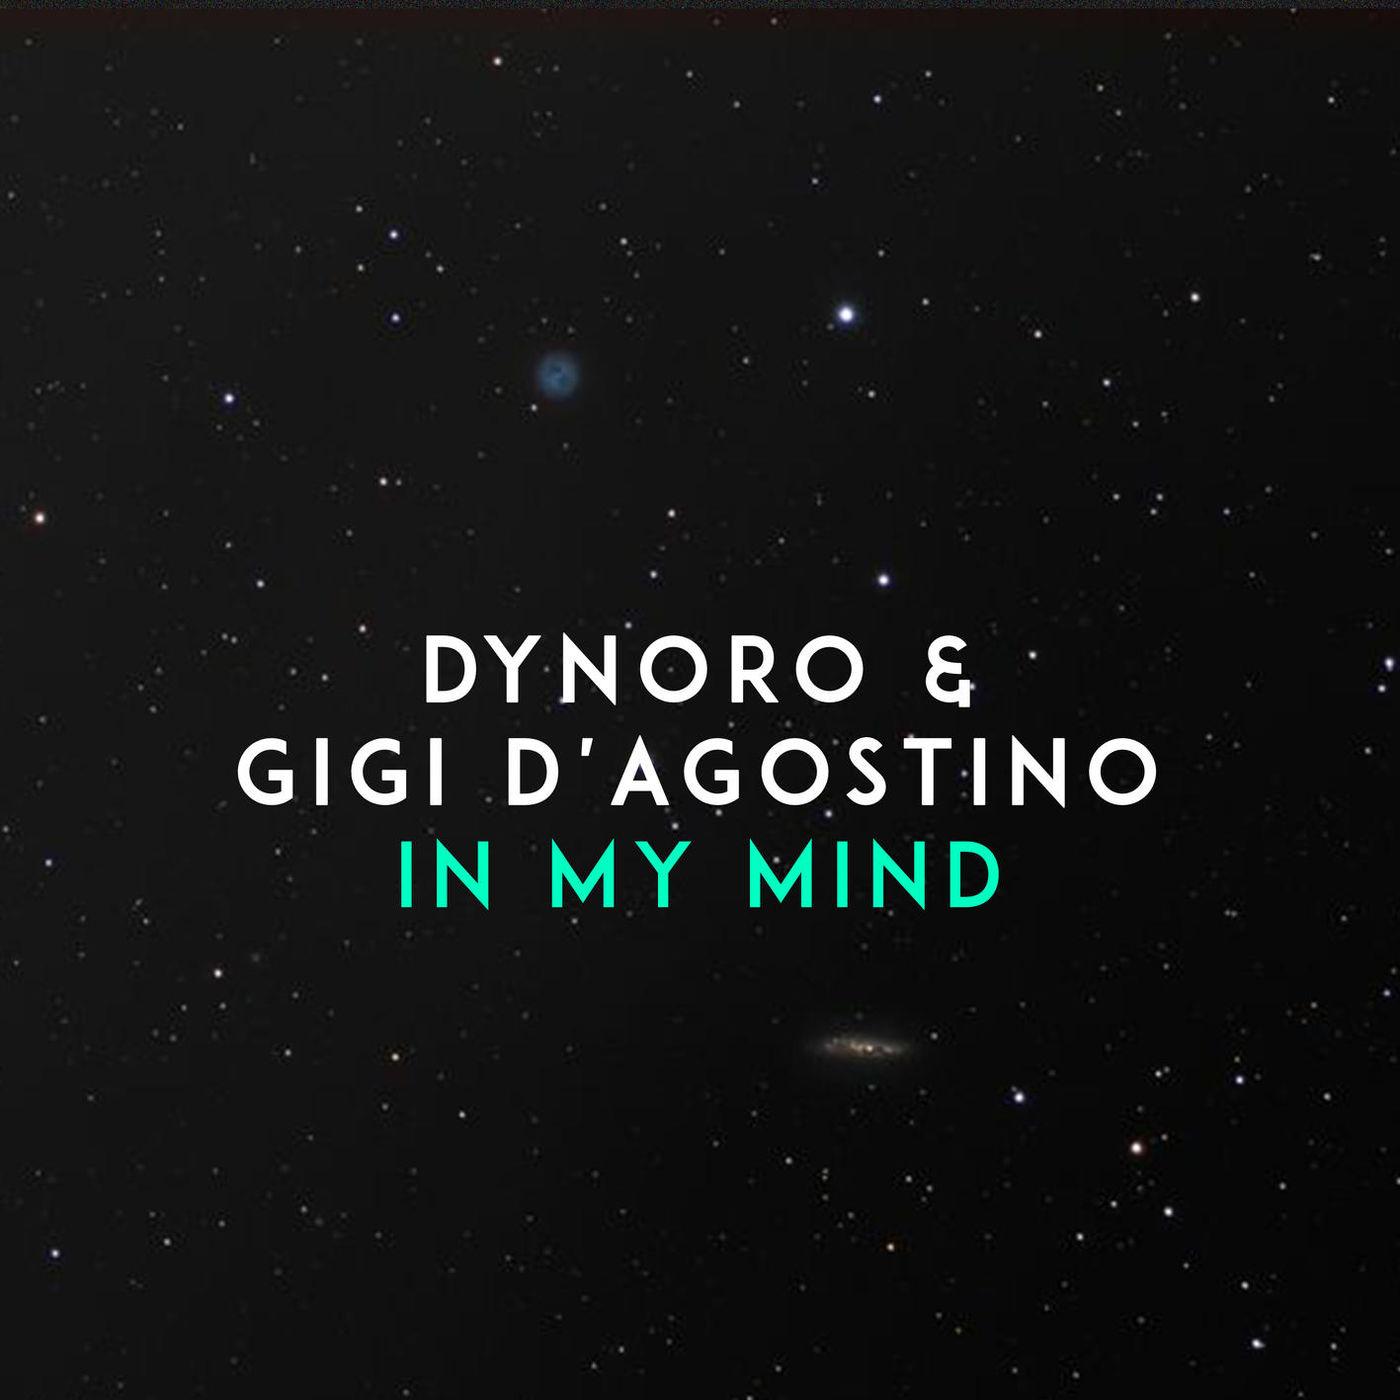 Dynoro feat. Gigi DAgostino - In My Mind -single